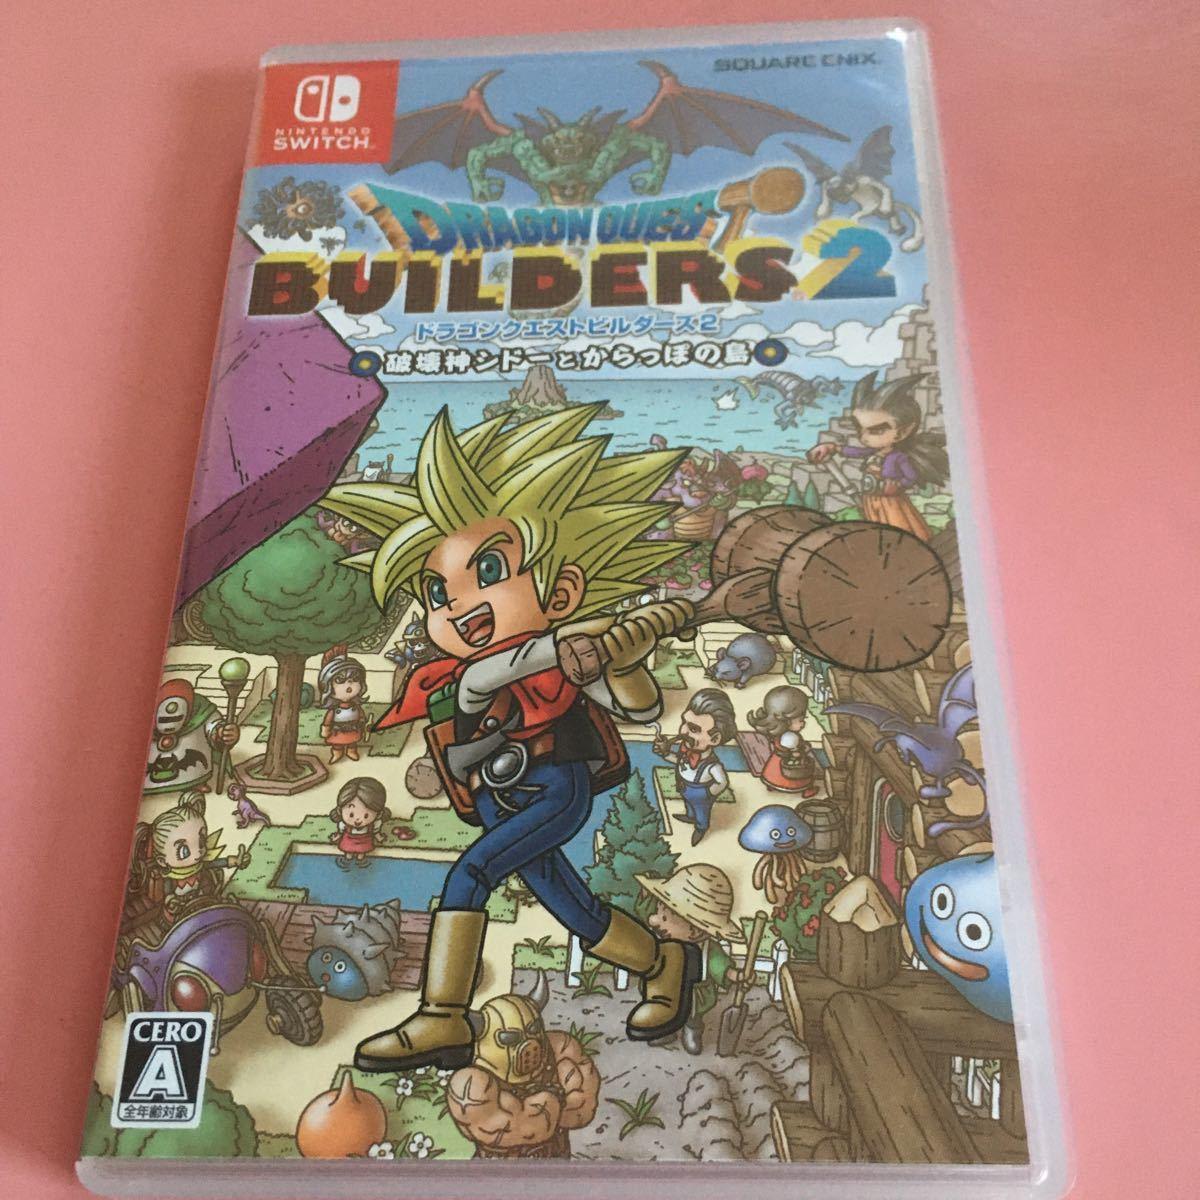 ドラゴンクエストビルダーズ2 破壊神シドーとからっぽの島 Nintendo Switch